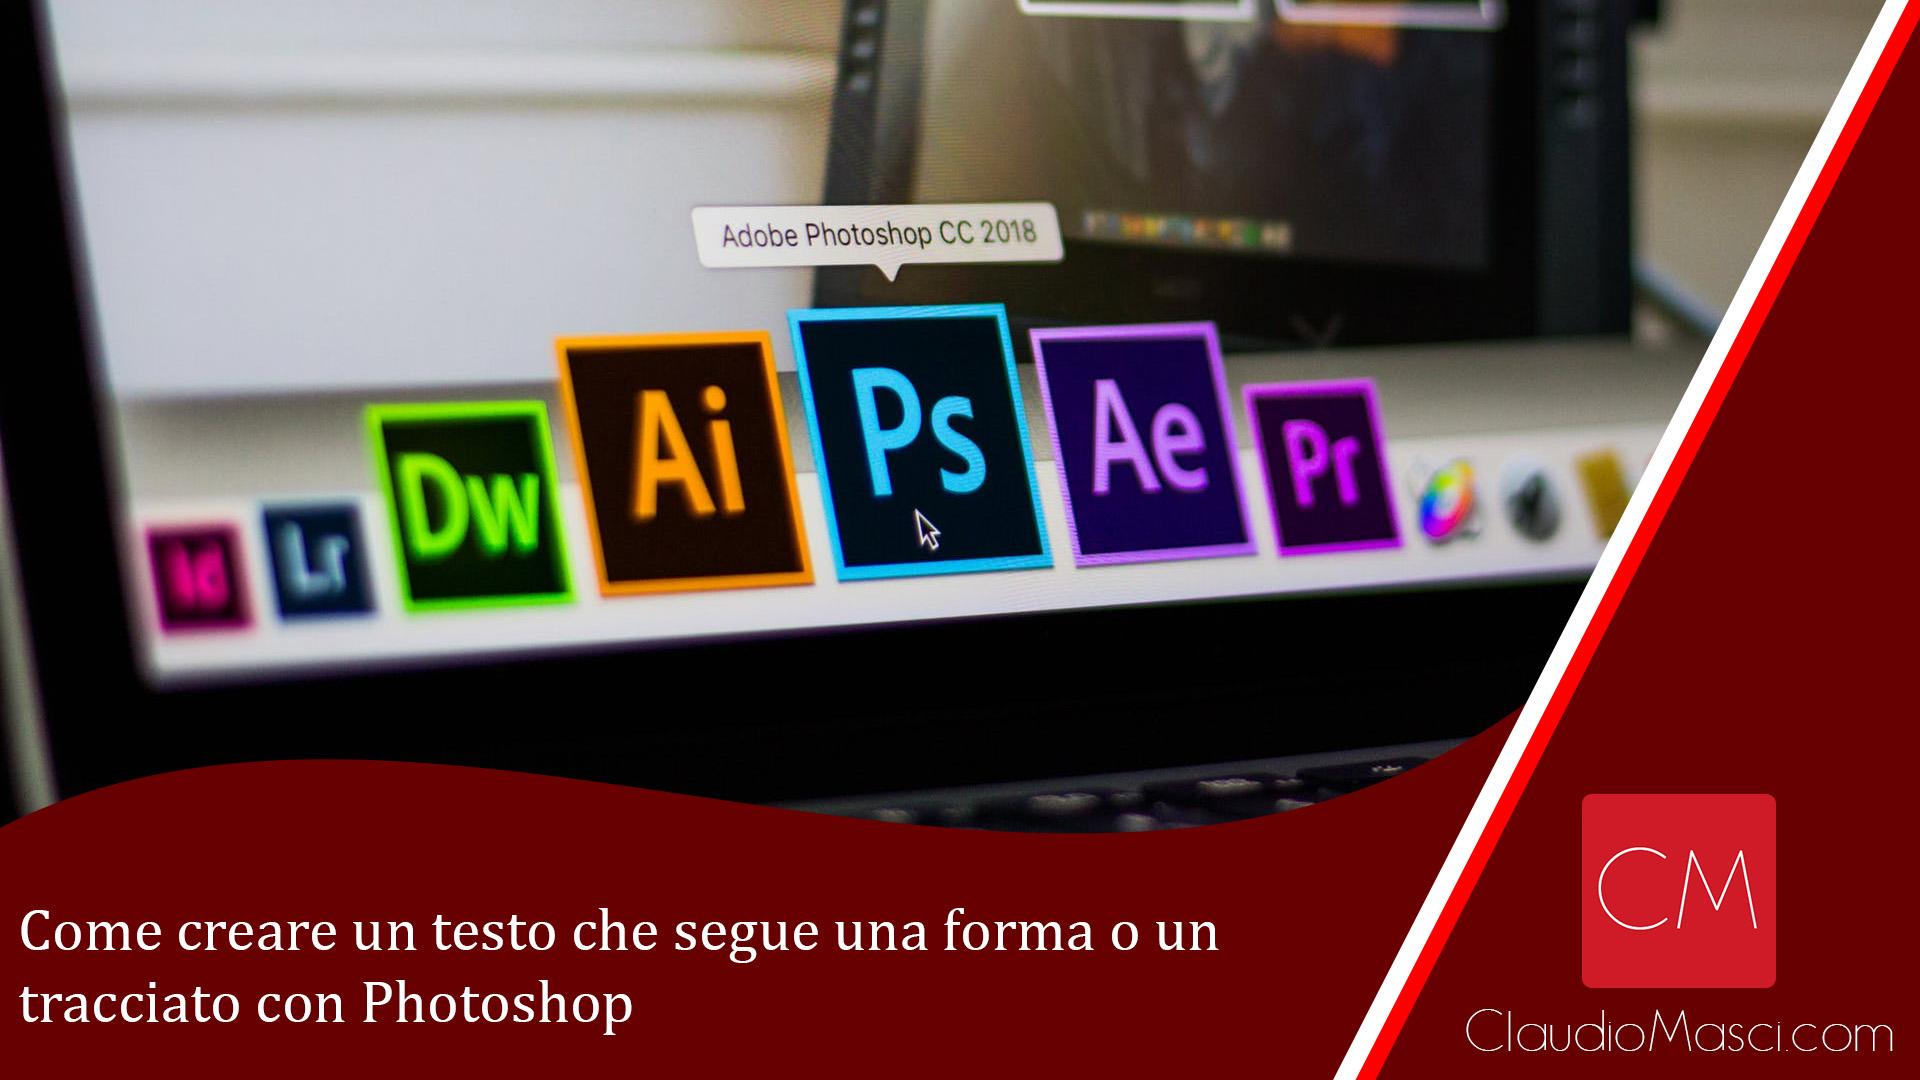 Come creare un testo che segue una forma o un tracciato con Photoshop